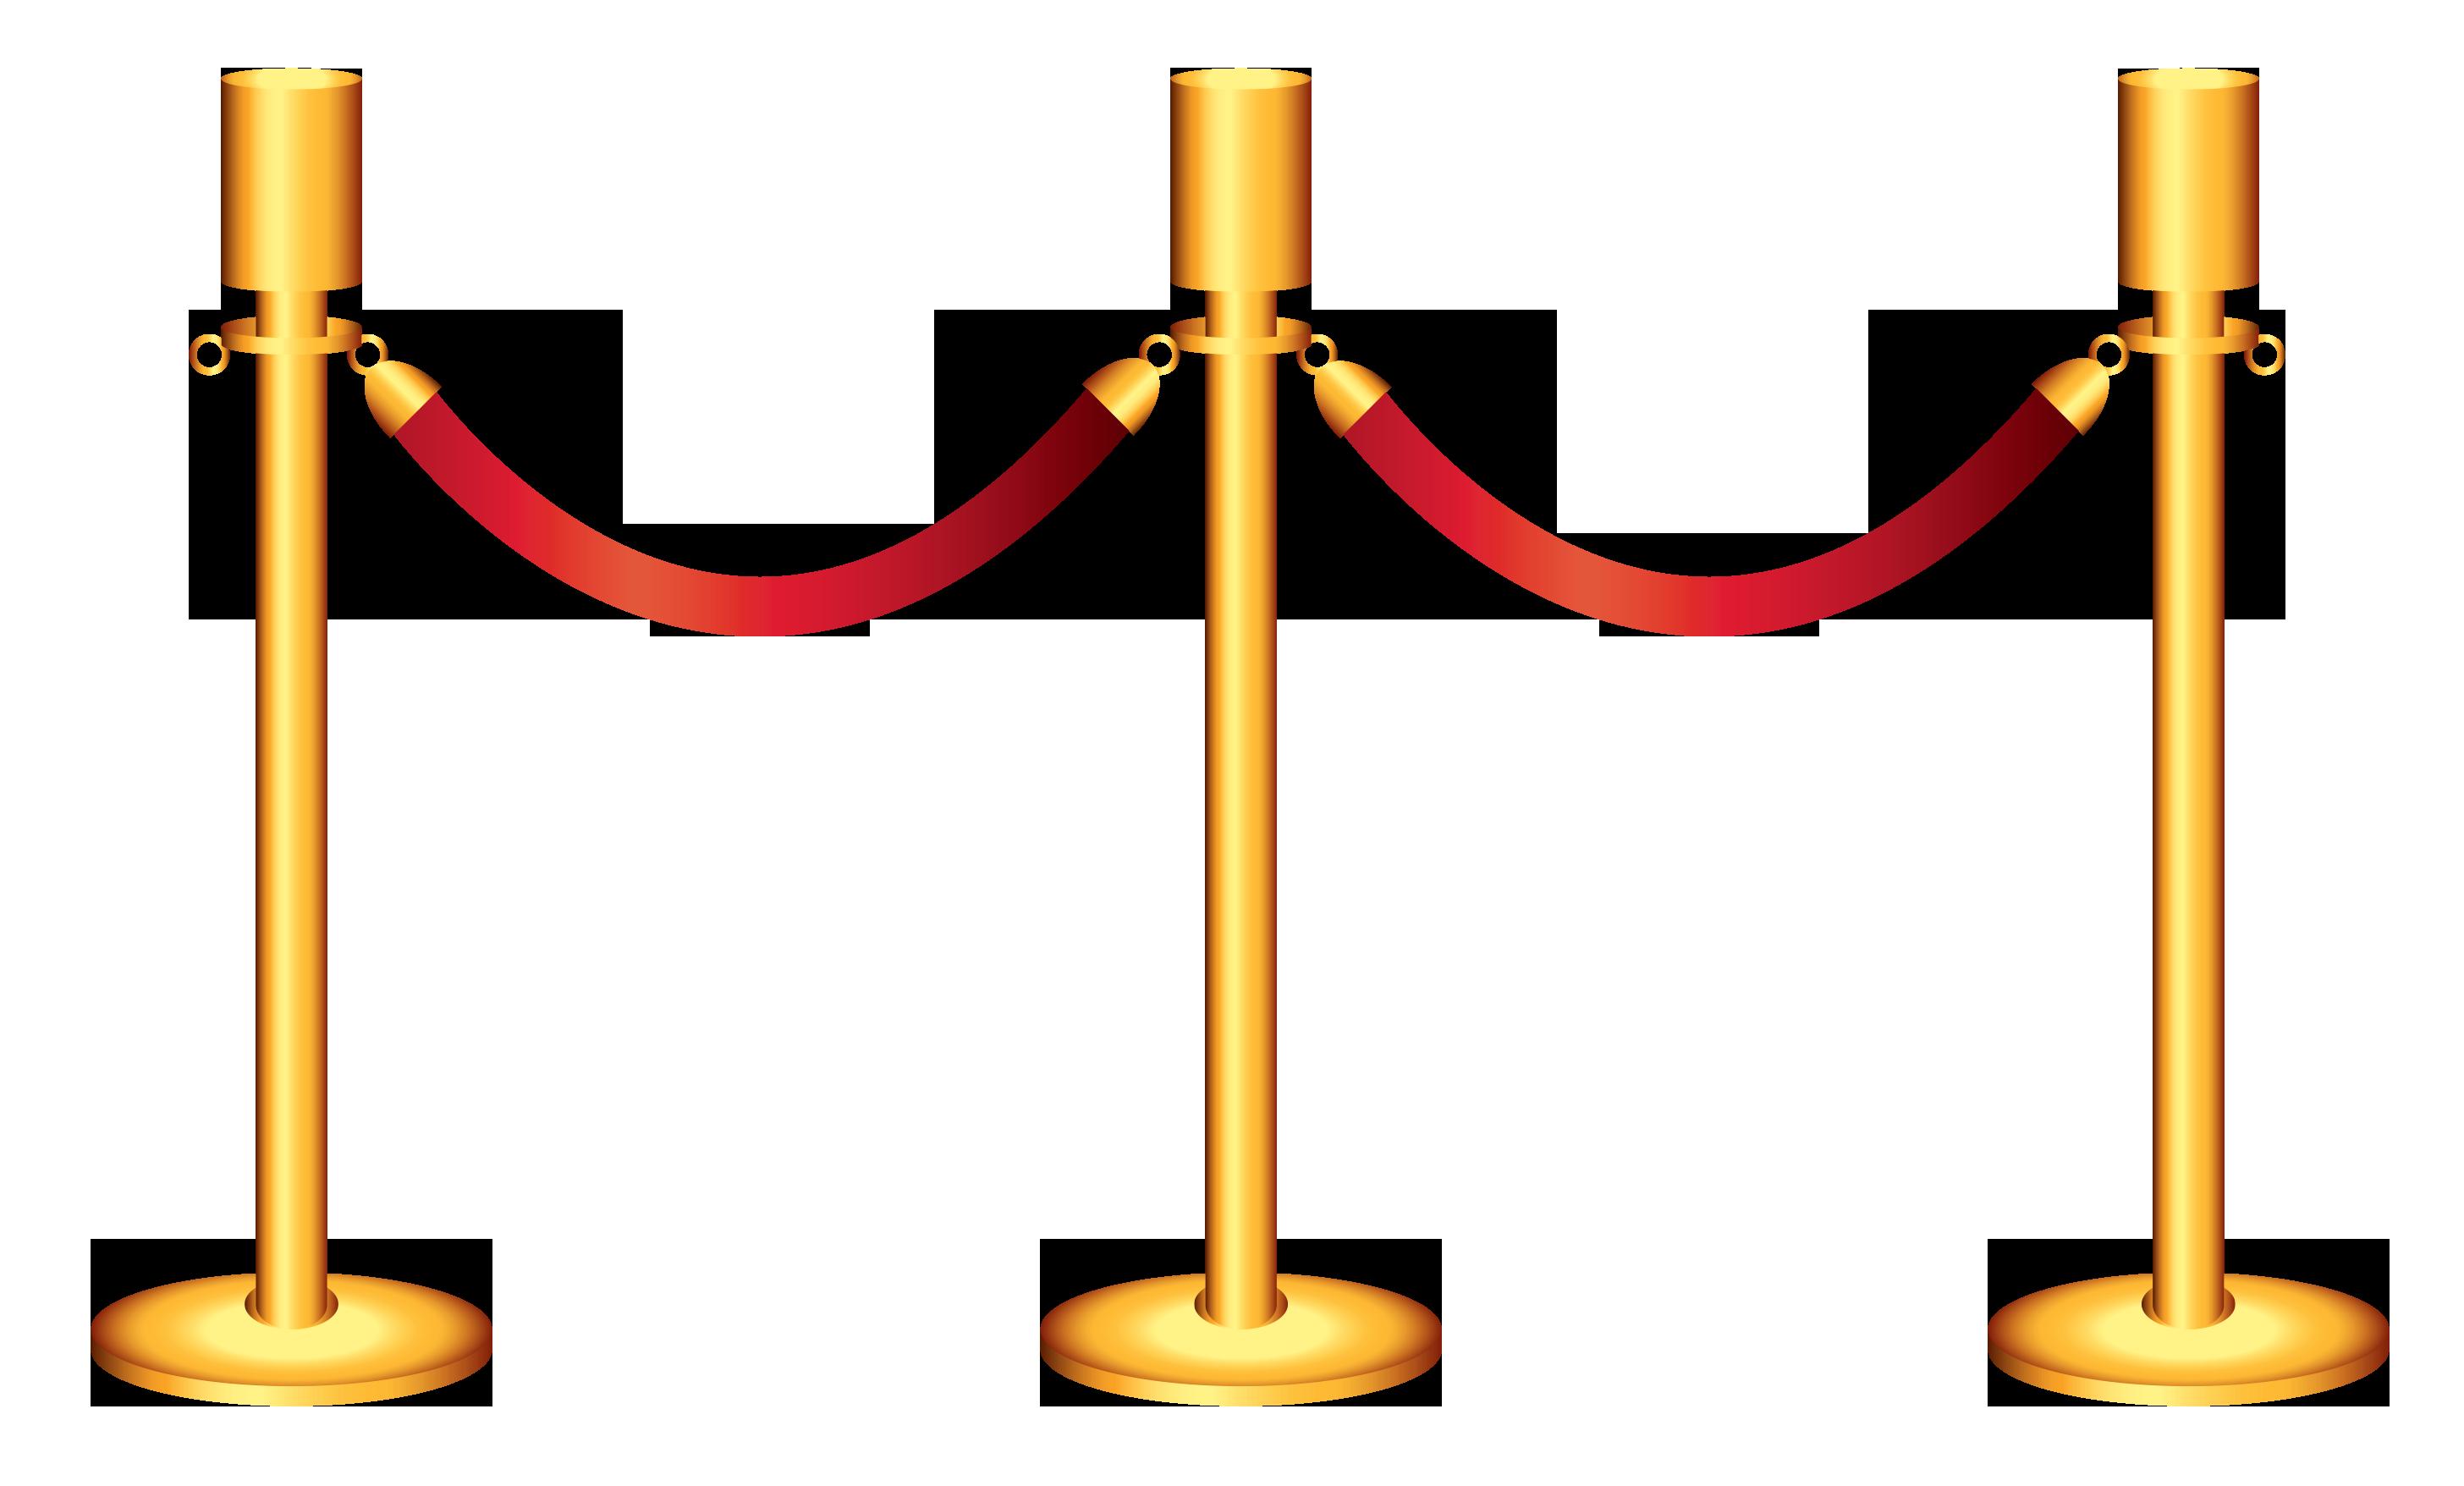 Golden barricade transparent png. Heart clipart rope